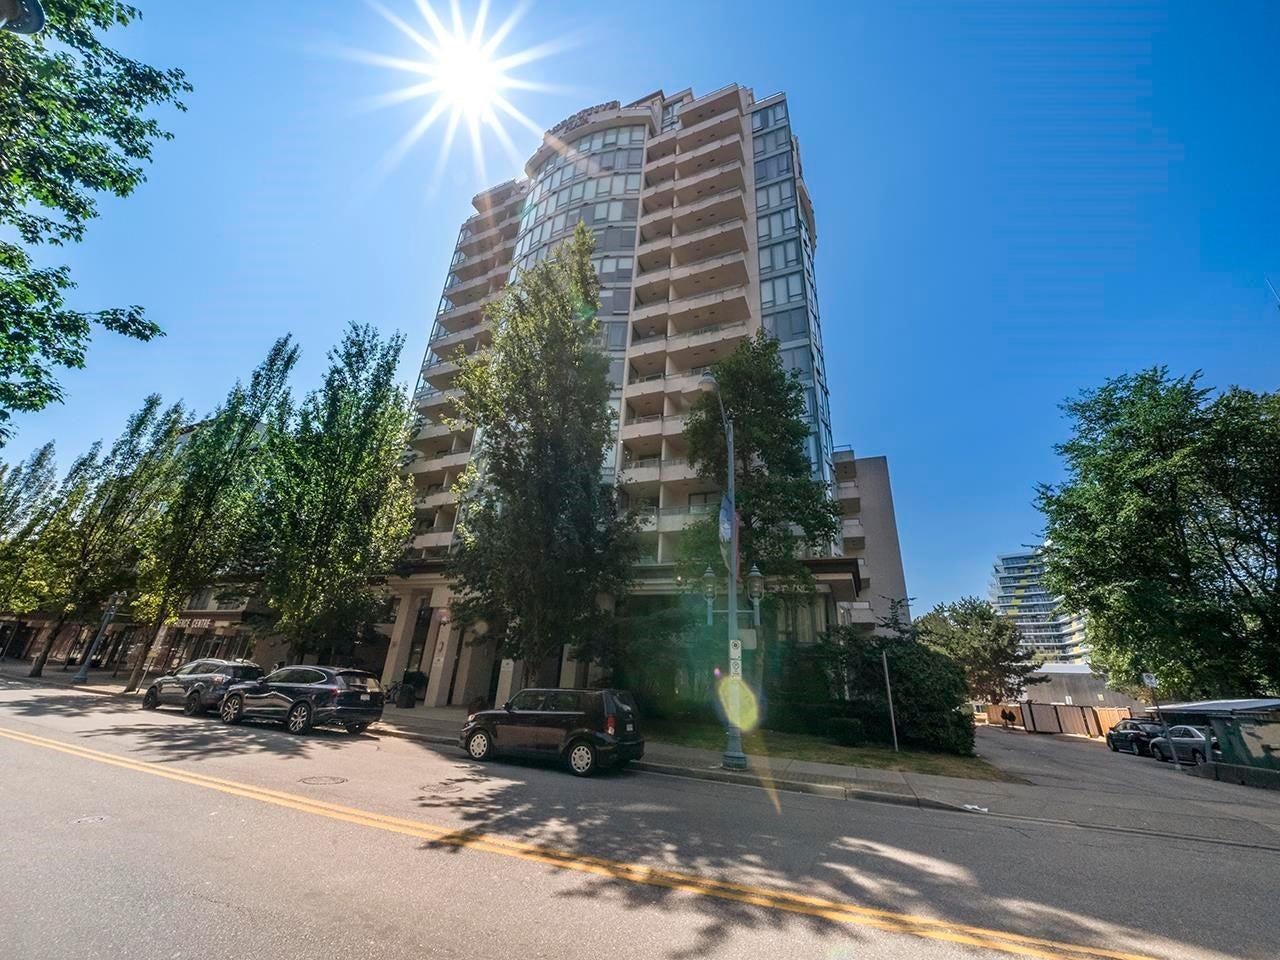 1504 5911 ALDERBRIDGE WAY - Brighouse Apartment/Condo for sale, 2 Bedrooms (R2605319)